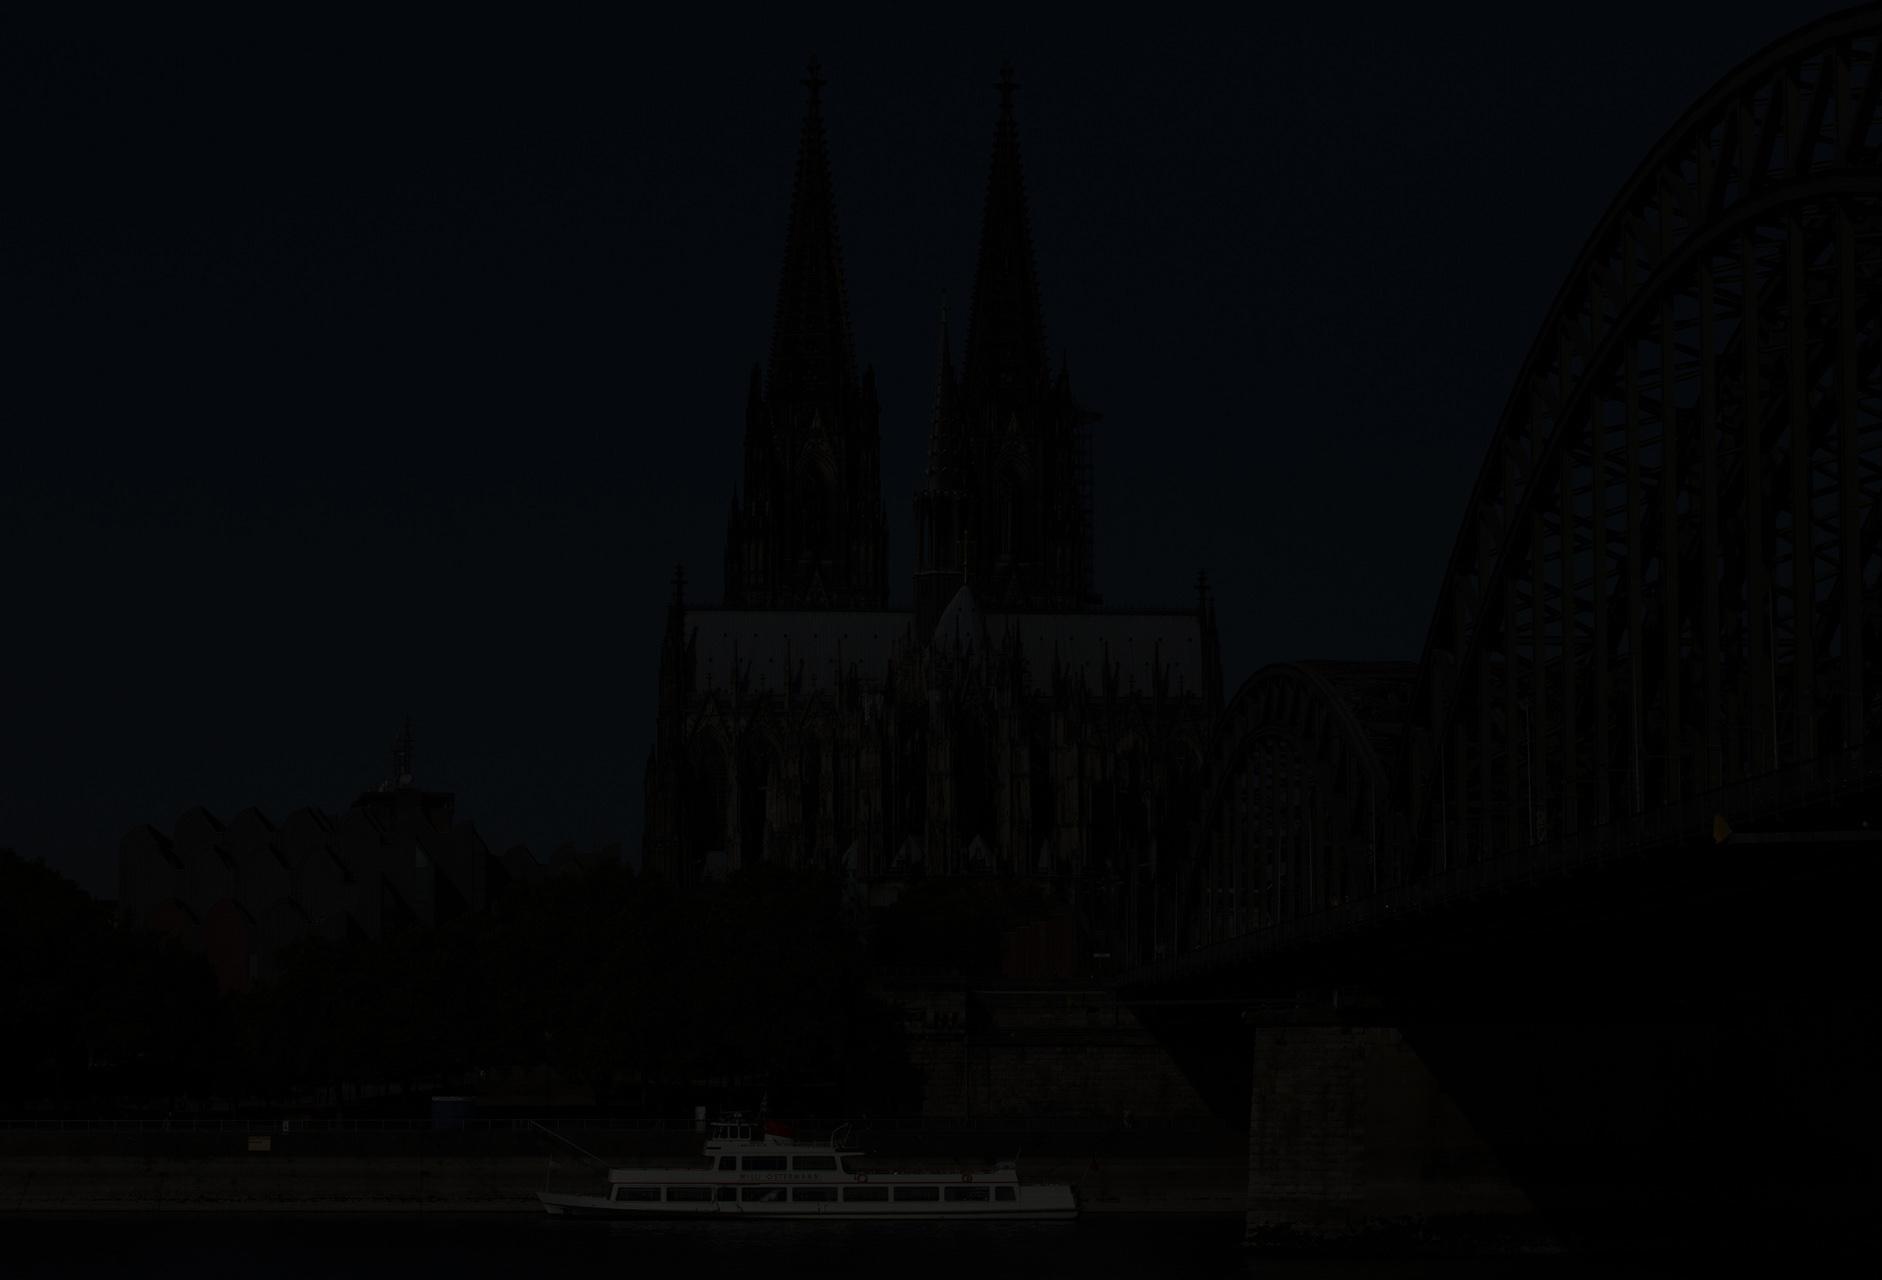 Unterbelichtung, Testfoto am Rheinufer - Digital